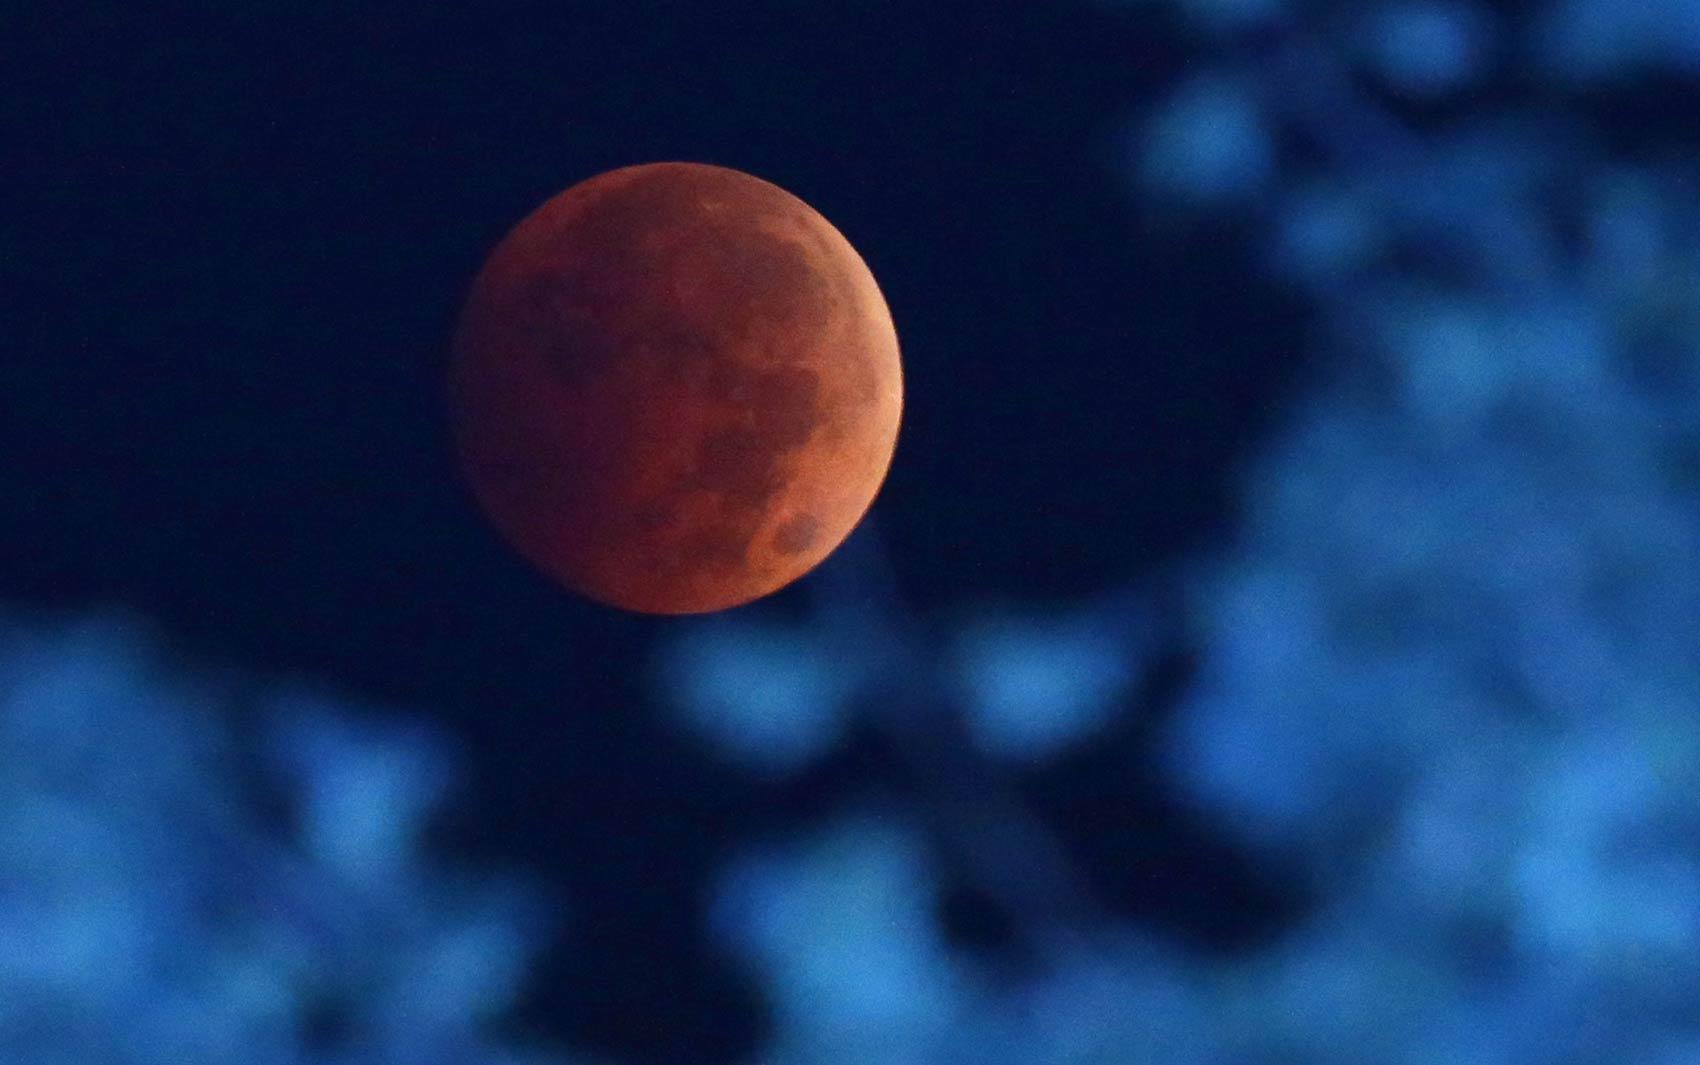 Passagem da luz do sol através da atmosfera terrestre faz com que a Lua ganhe tom avermelhado durante eclipse lunar visto de Milwaukee, nos EUA. O fenômeno é conhecido como 'Lua de sangue'